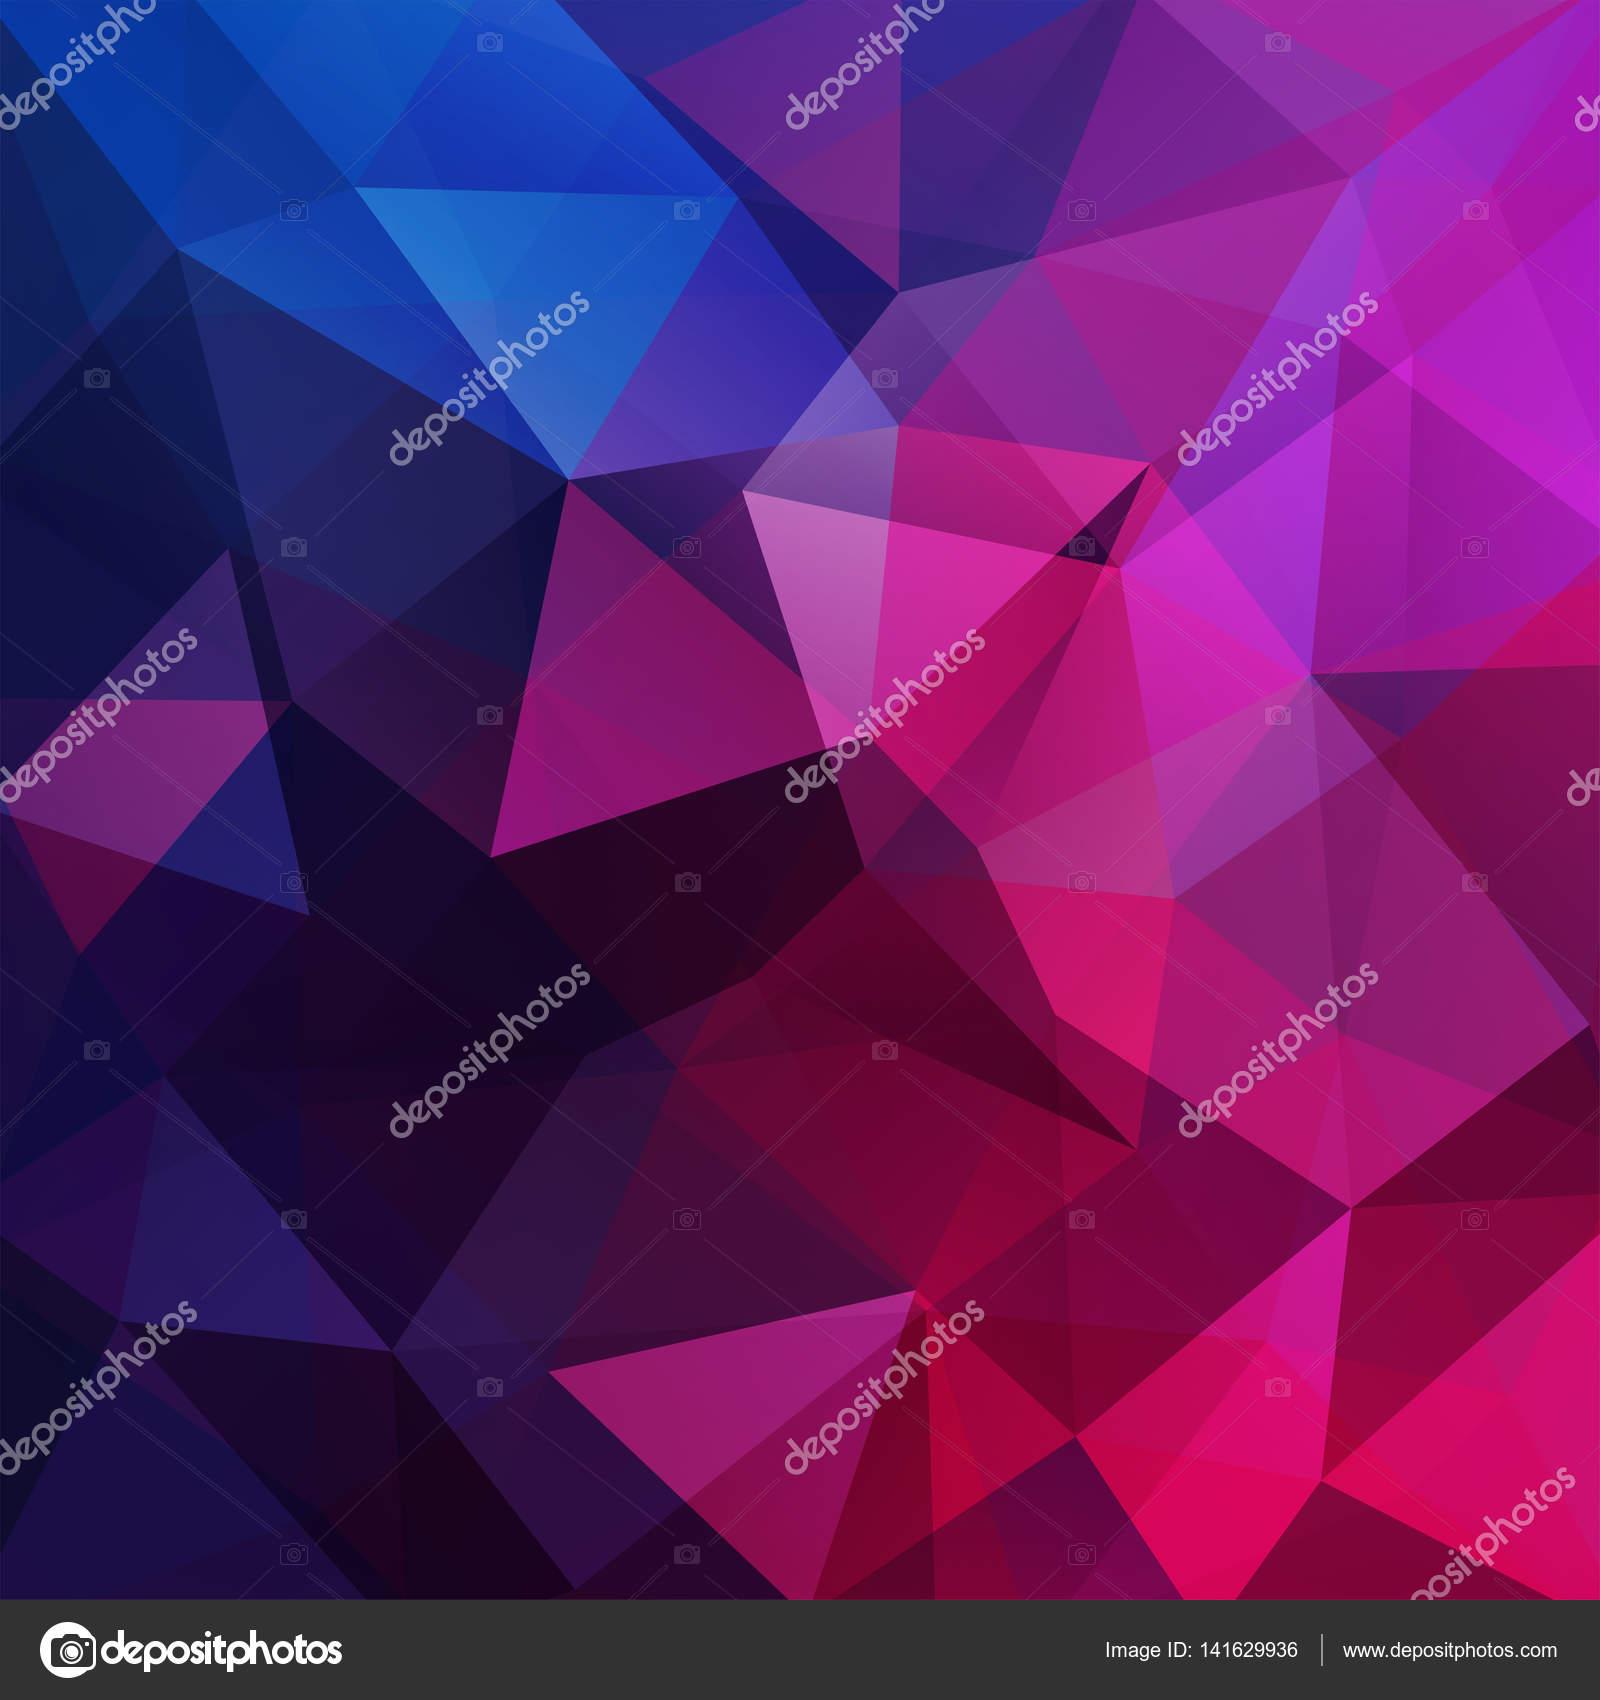 Resumen antecedentes consisten en triángulos de color rosa, morados ...